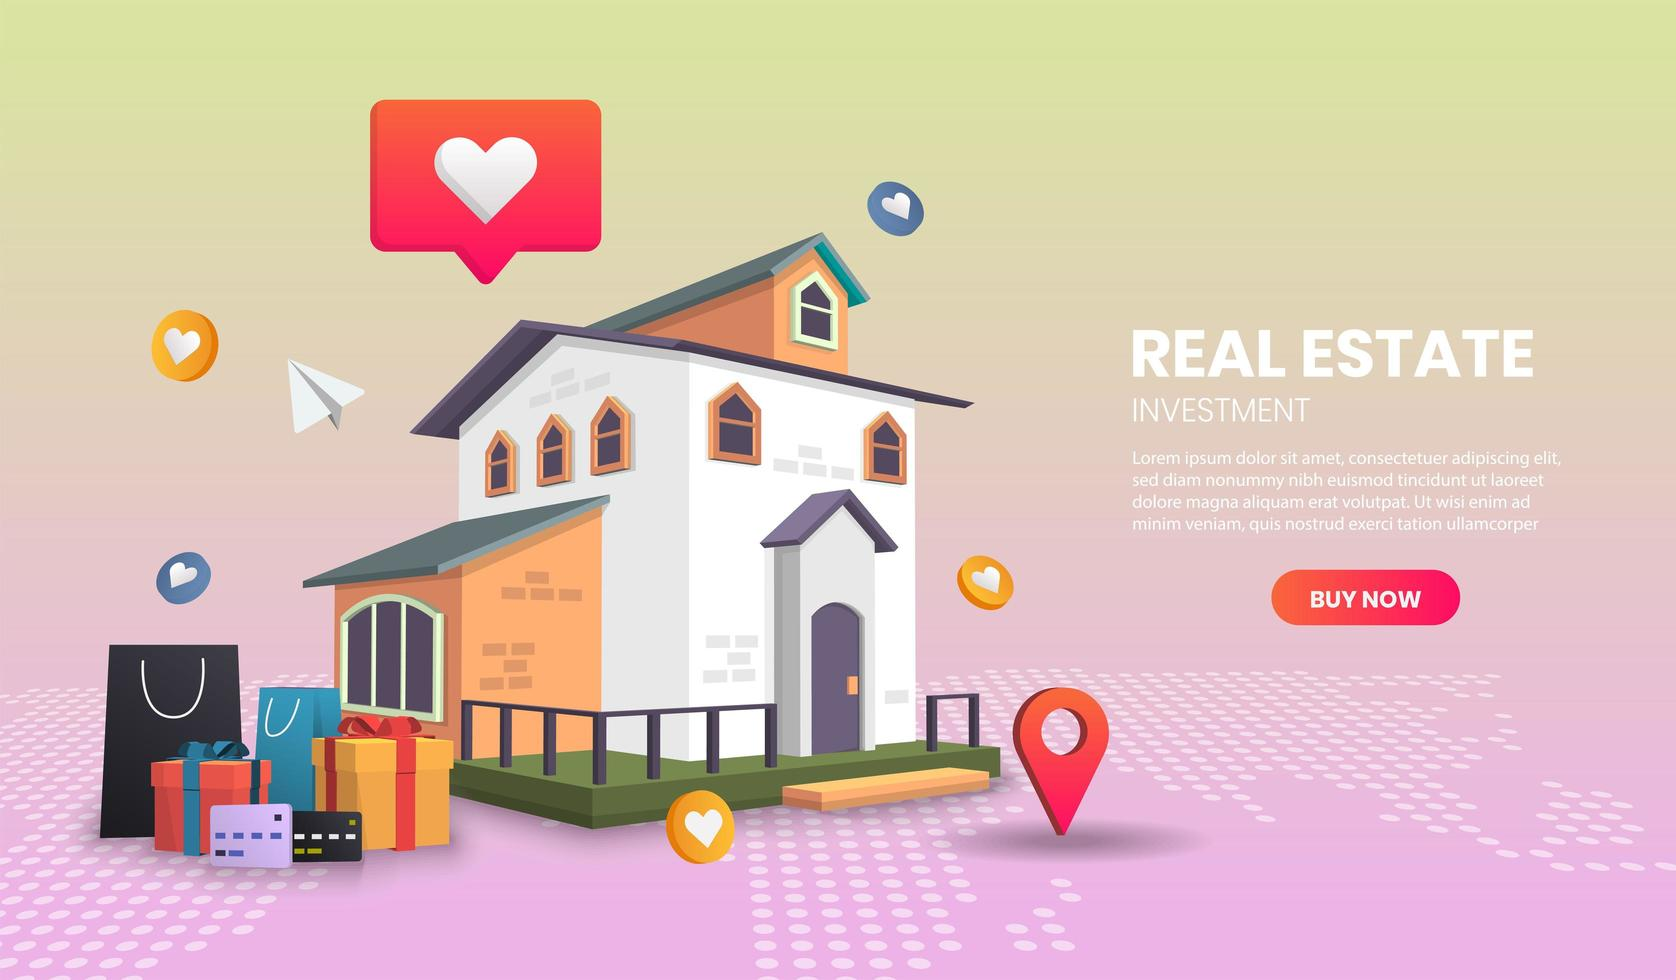 Landingpage für Immobilieninvestitionen vektor